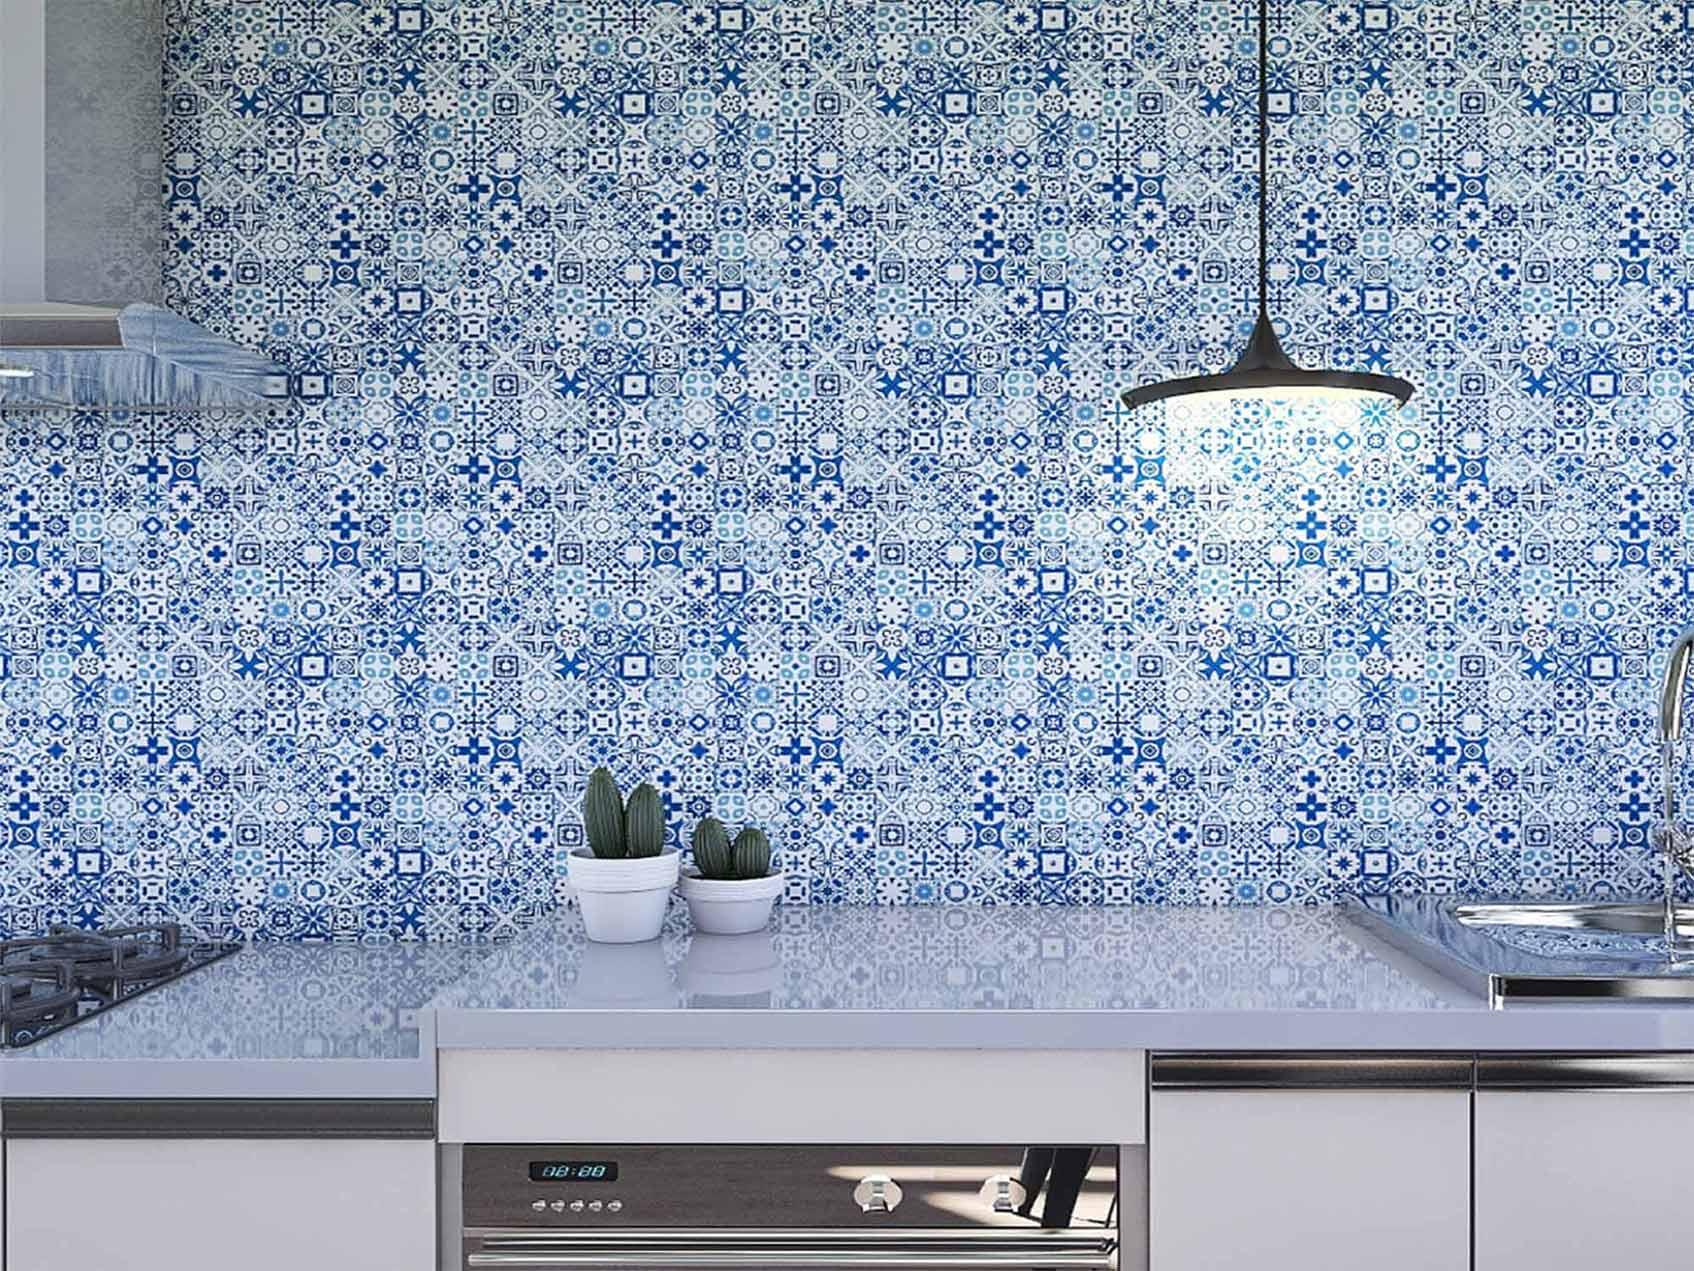 Papel de Parede para Cozinha Azulejos 0018 - Adesivos de Parede